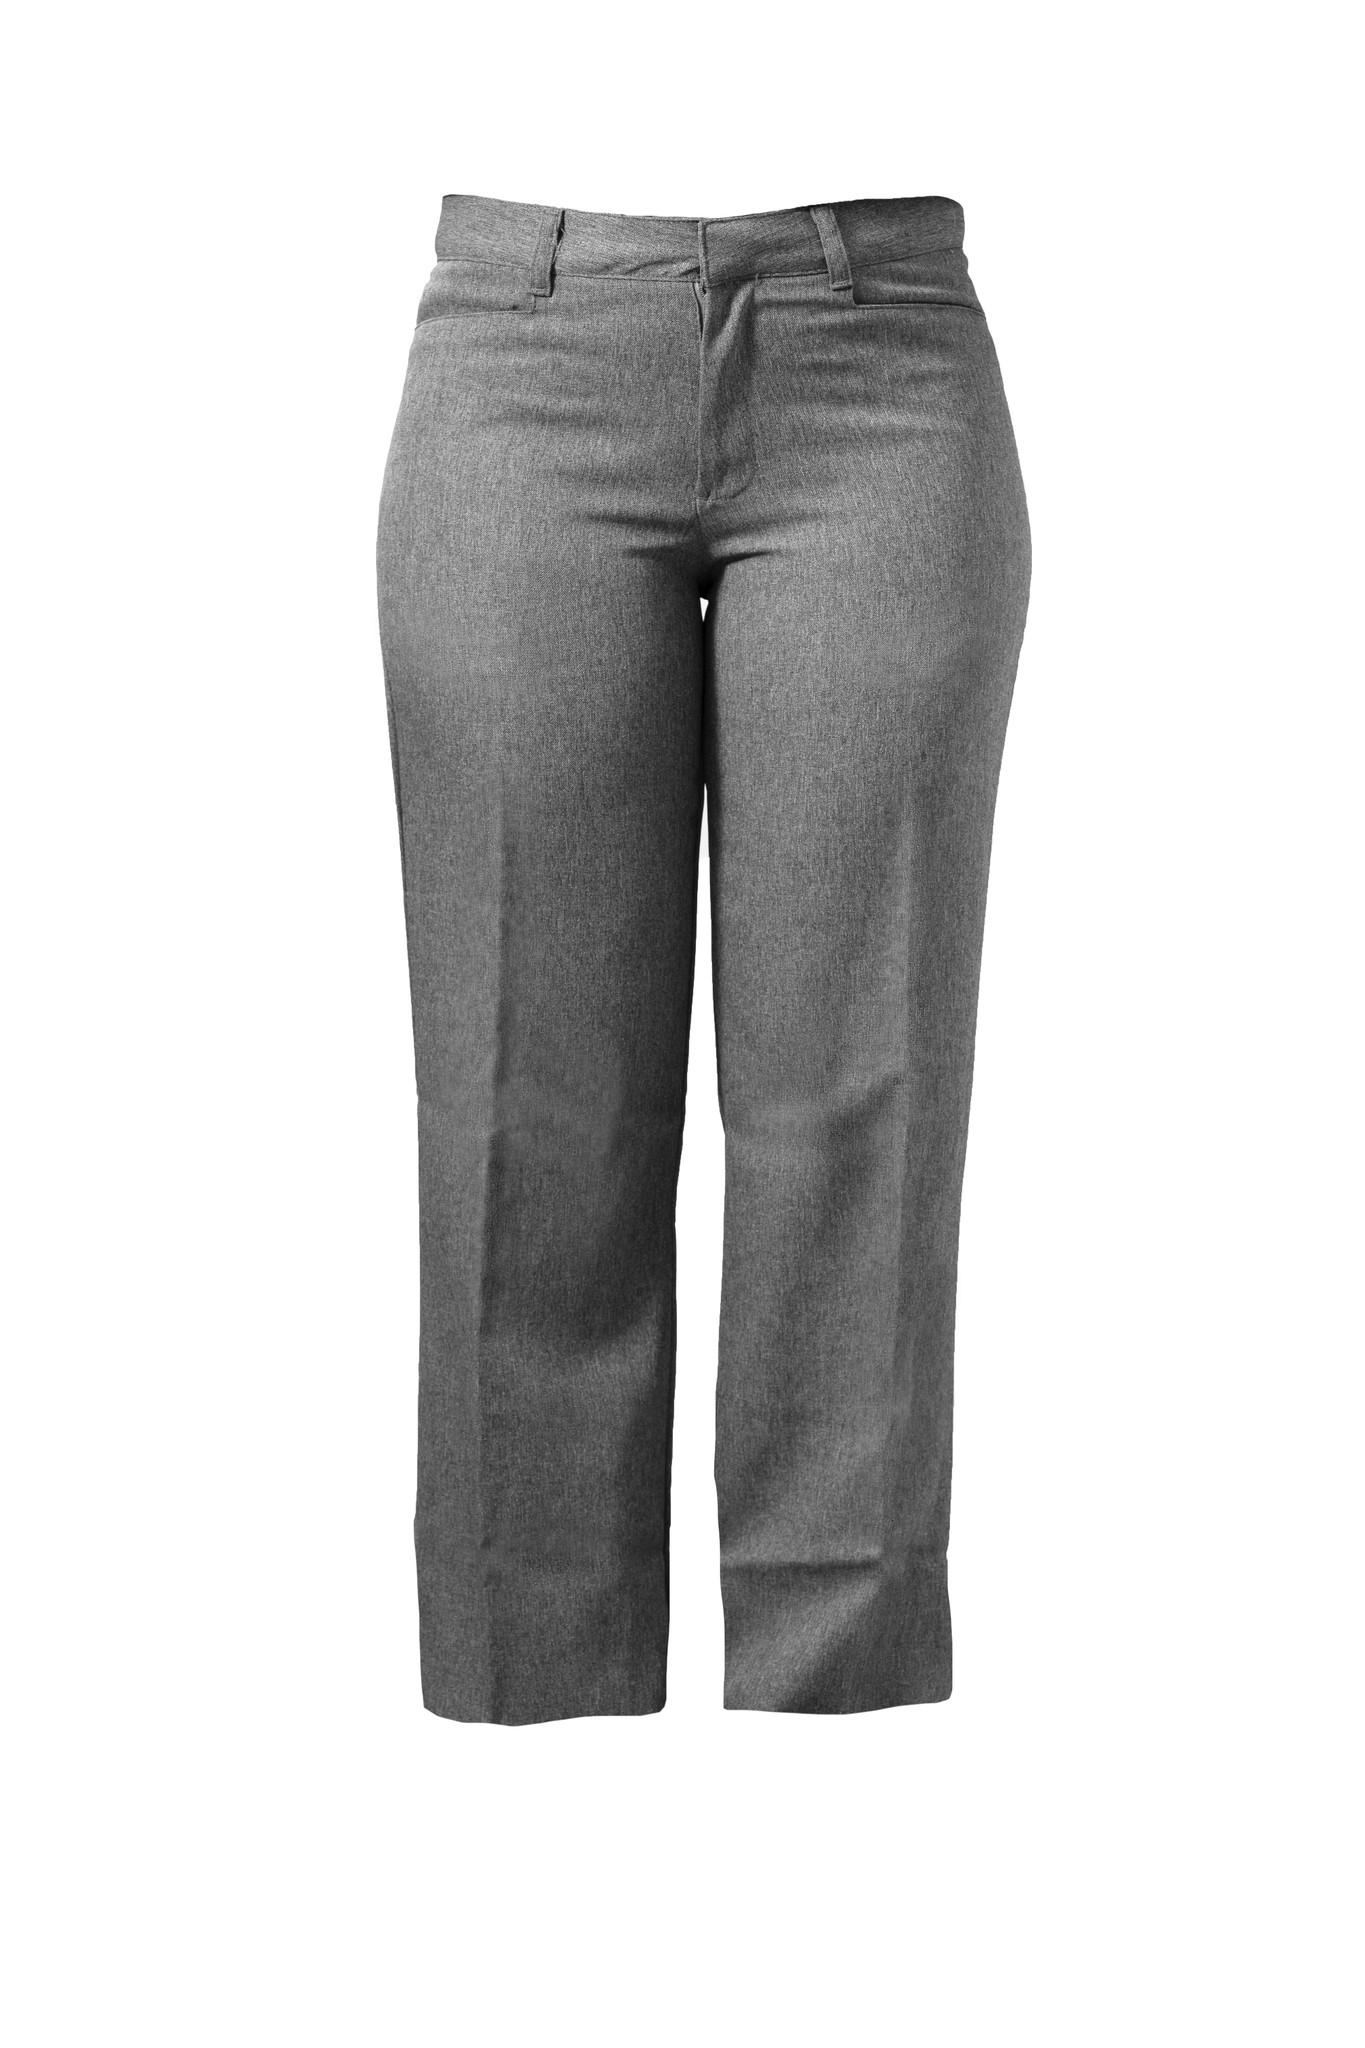 Junior Grey Gab Pants (4038JR)